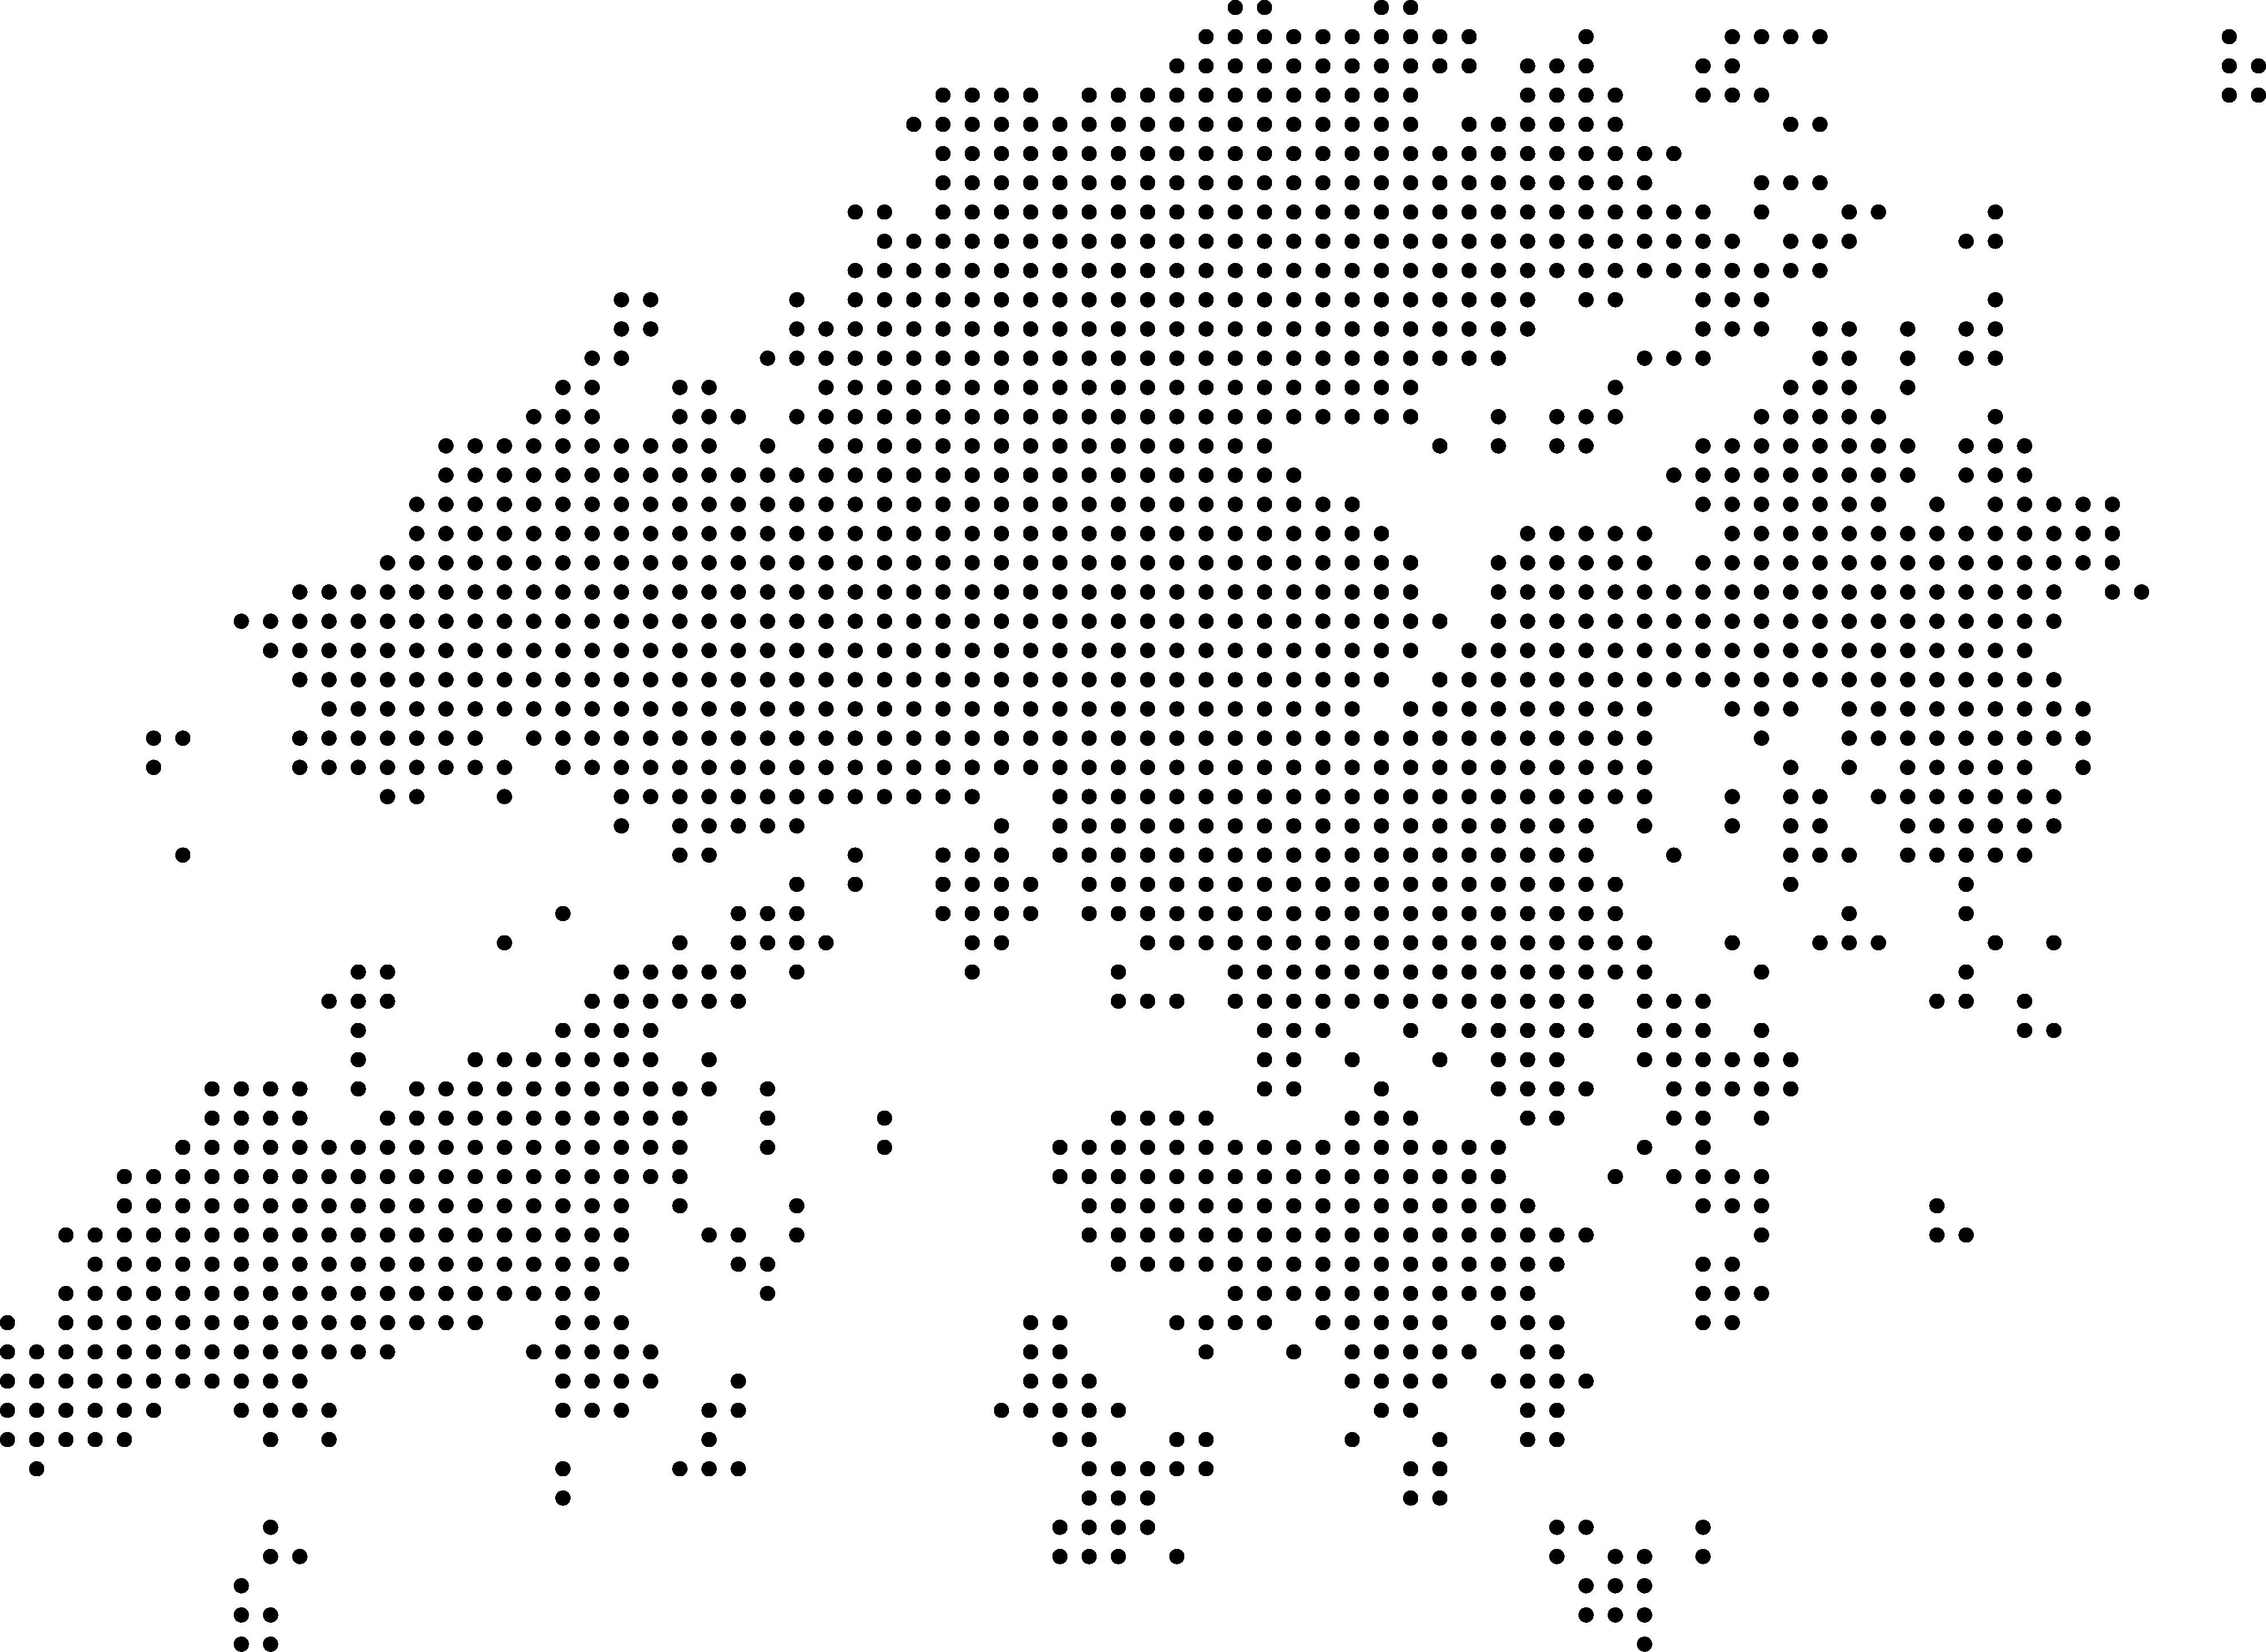 Asset 1_3x1